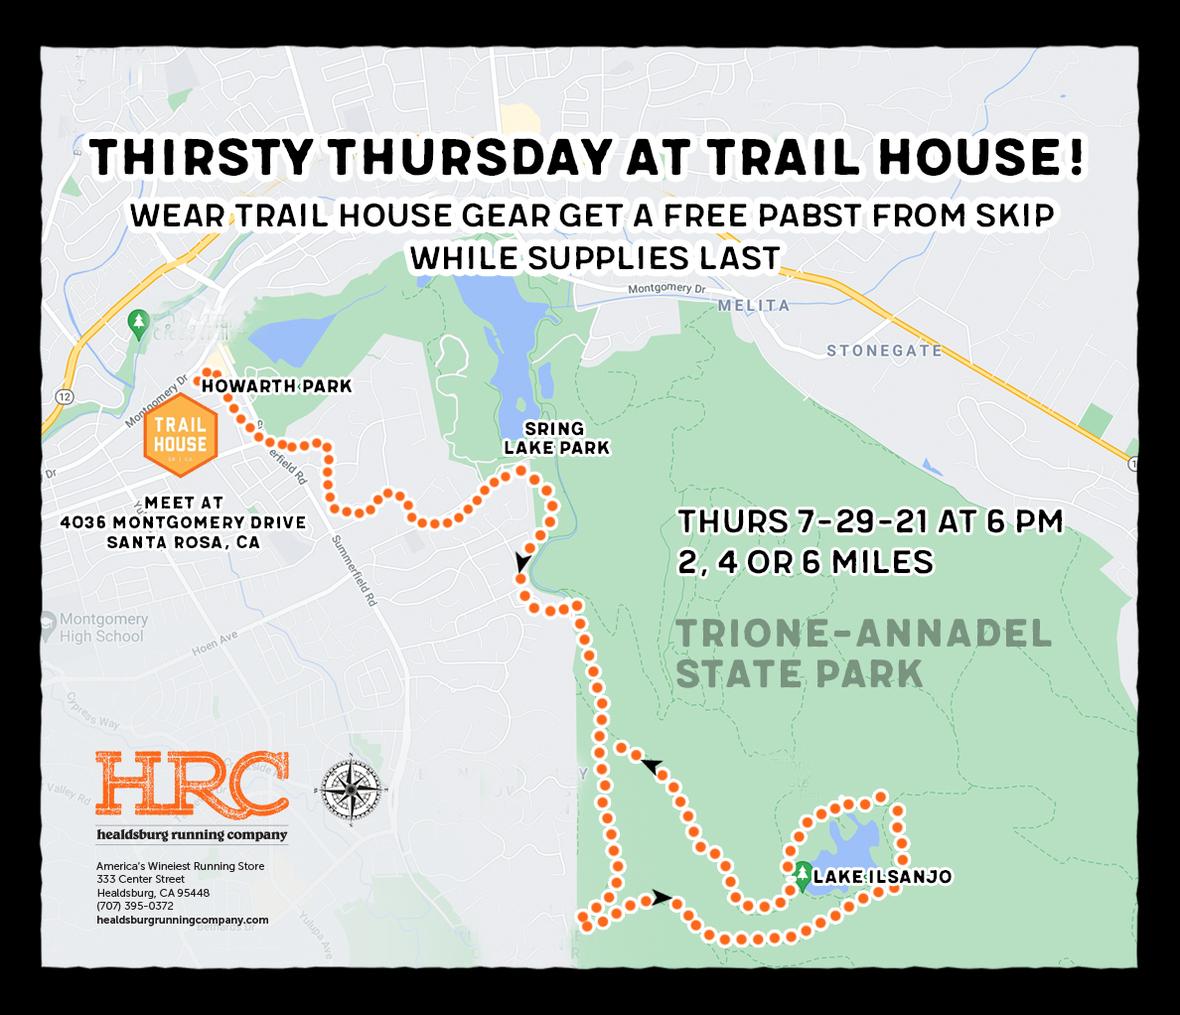 annadel trailhouse